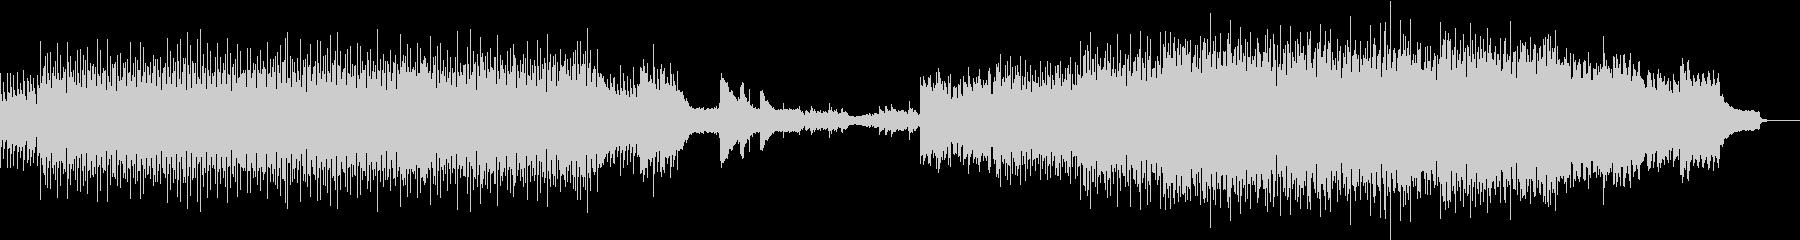 生音と機械音が奏でる爽快テクノロックの未再生の波形